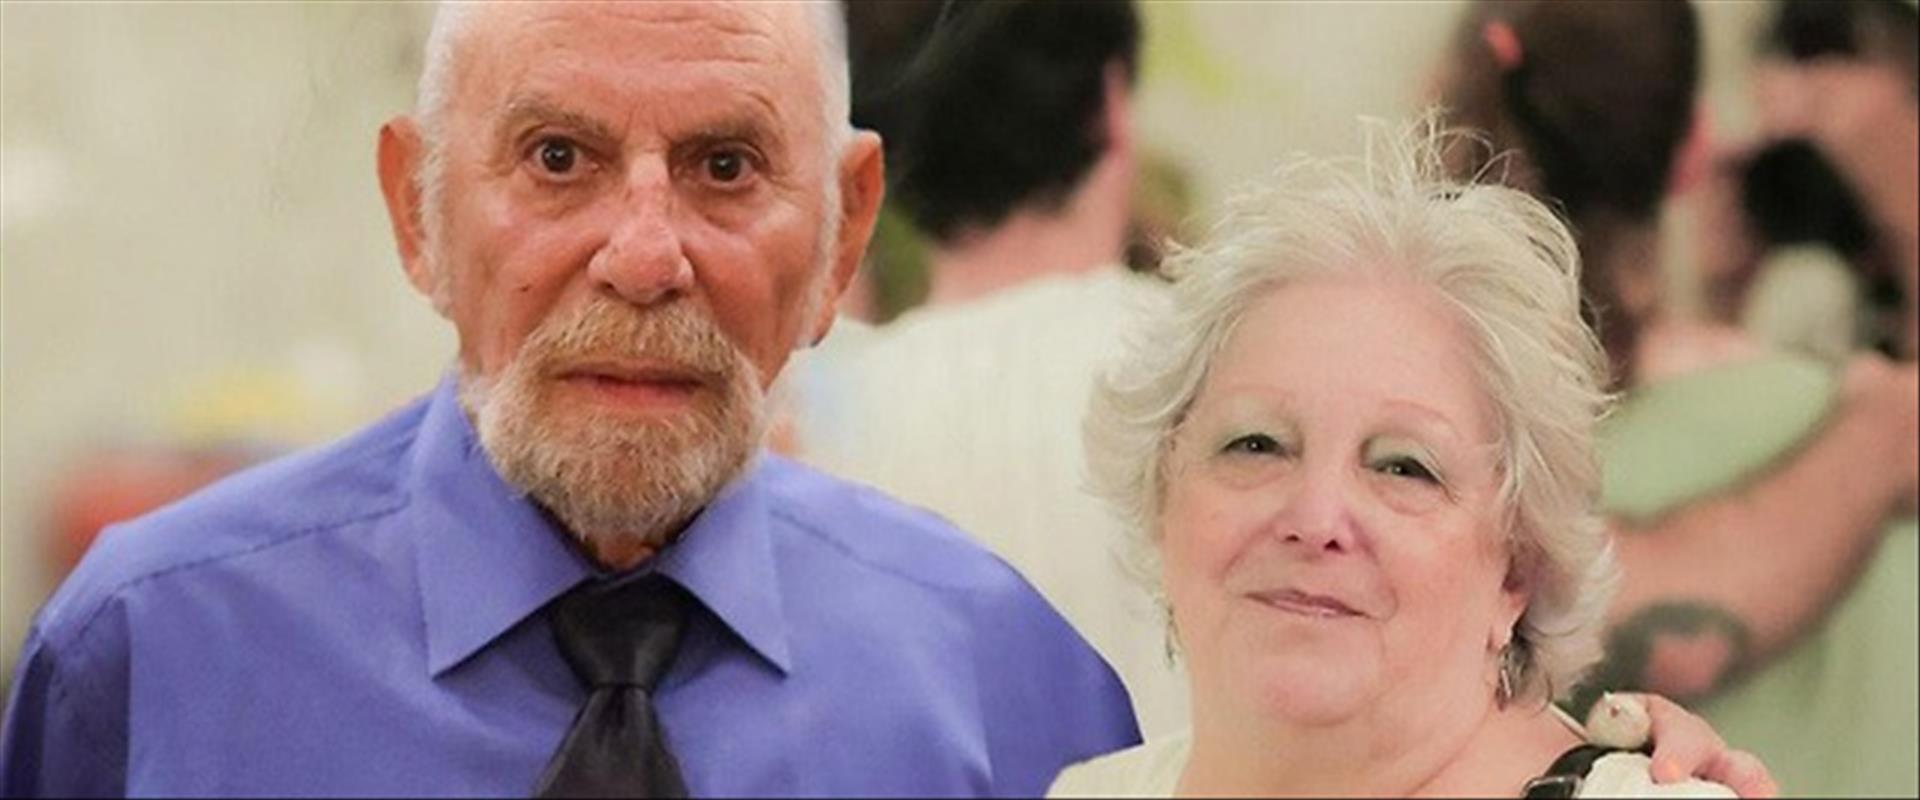 הזוג שמתו מקורונה